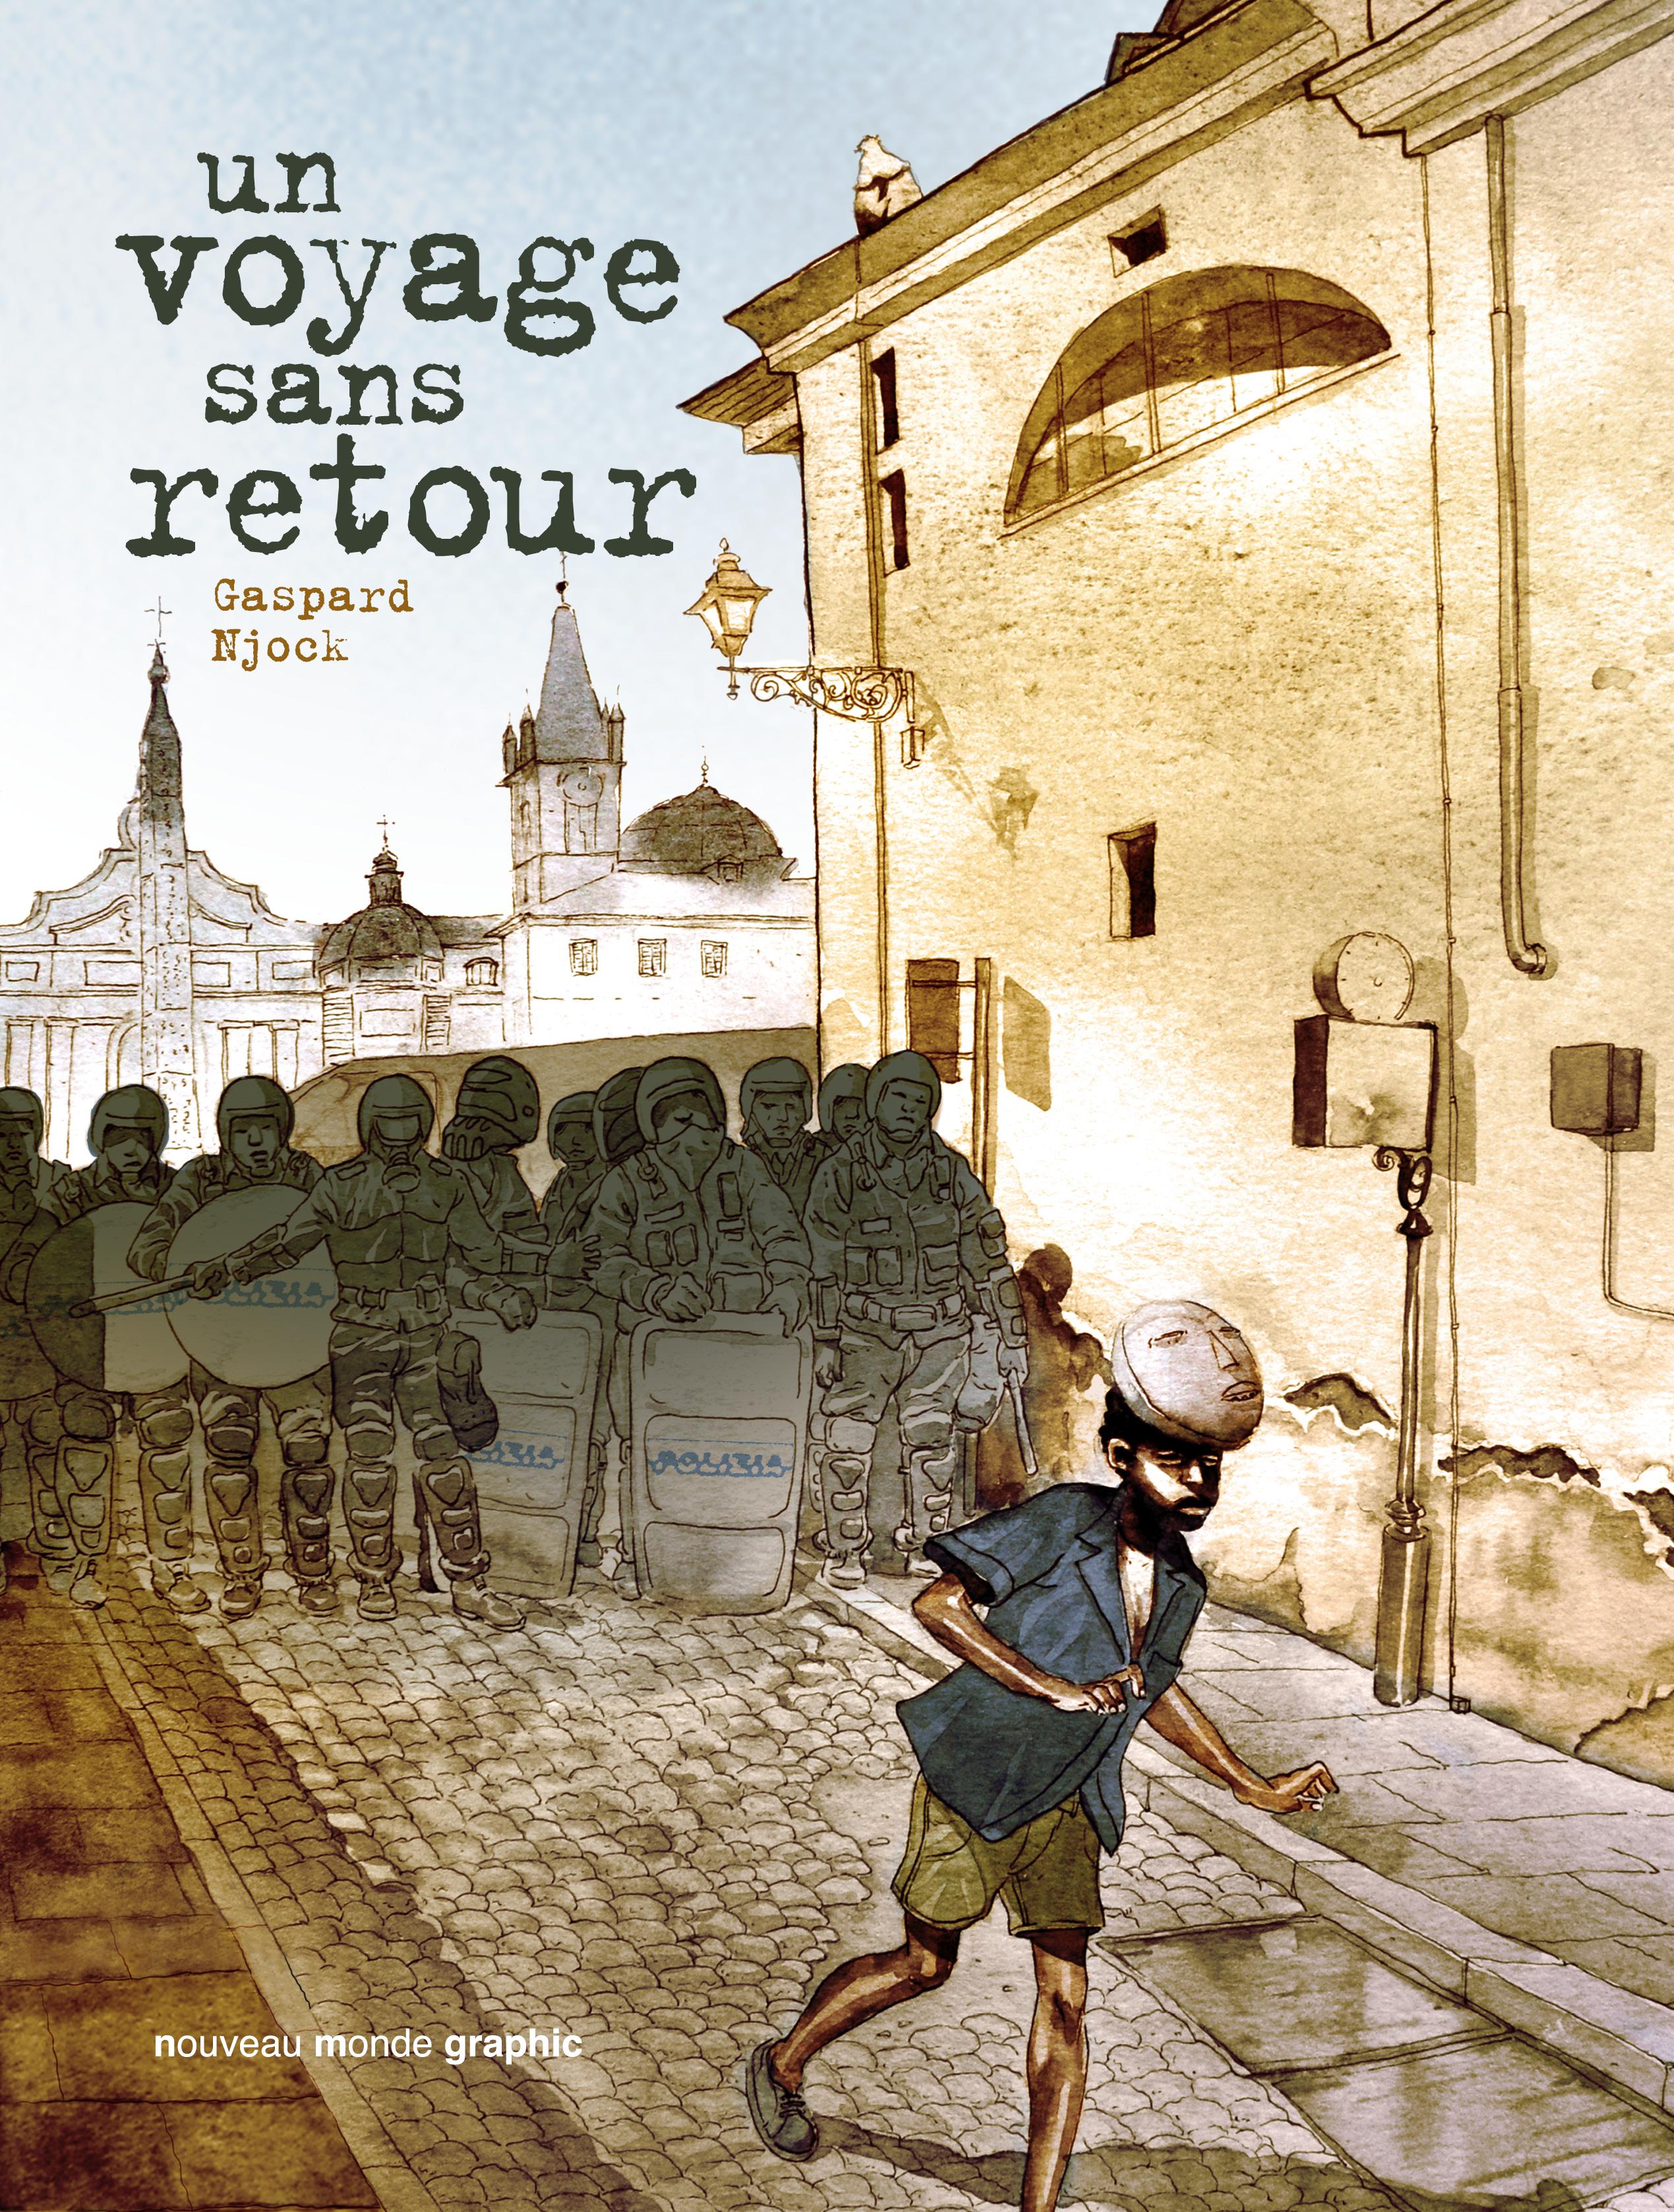 Un voyage sans retour Gaspard Njock